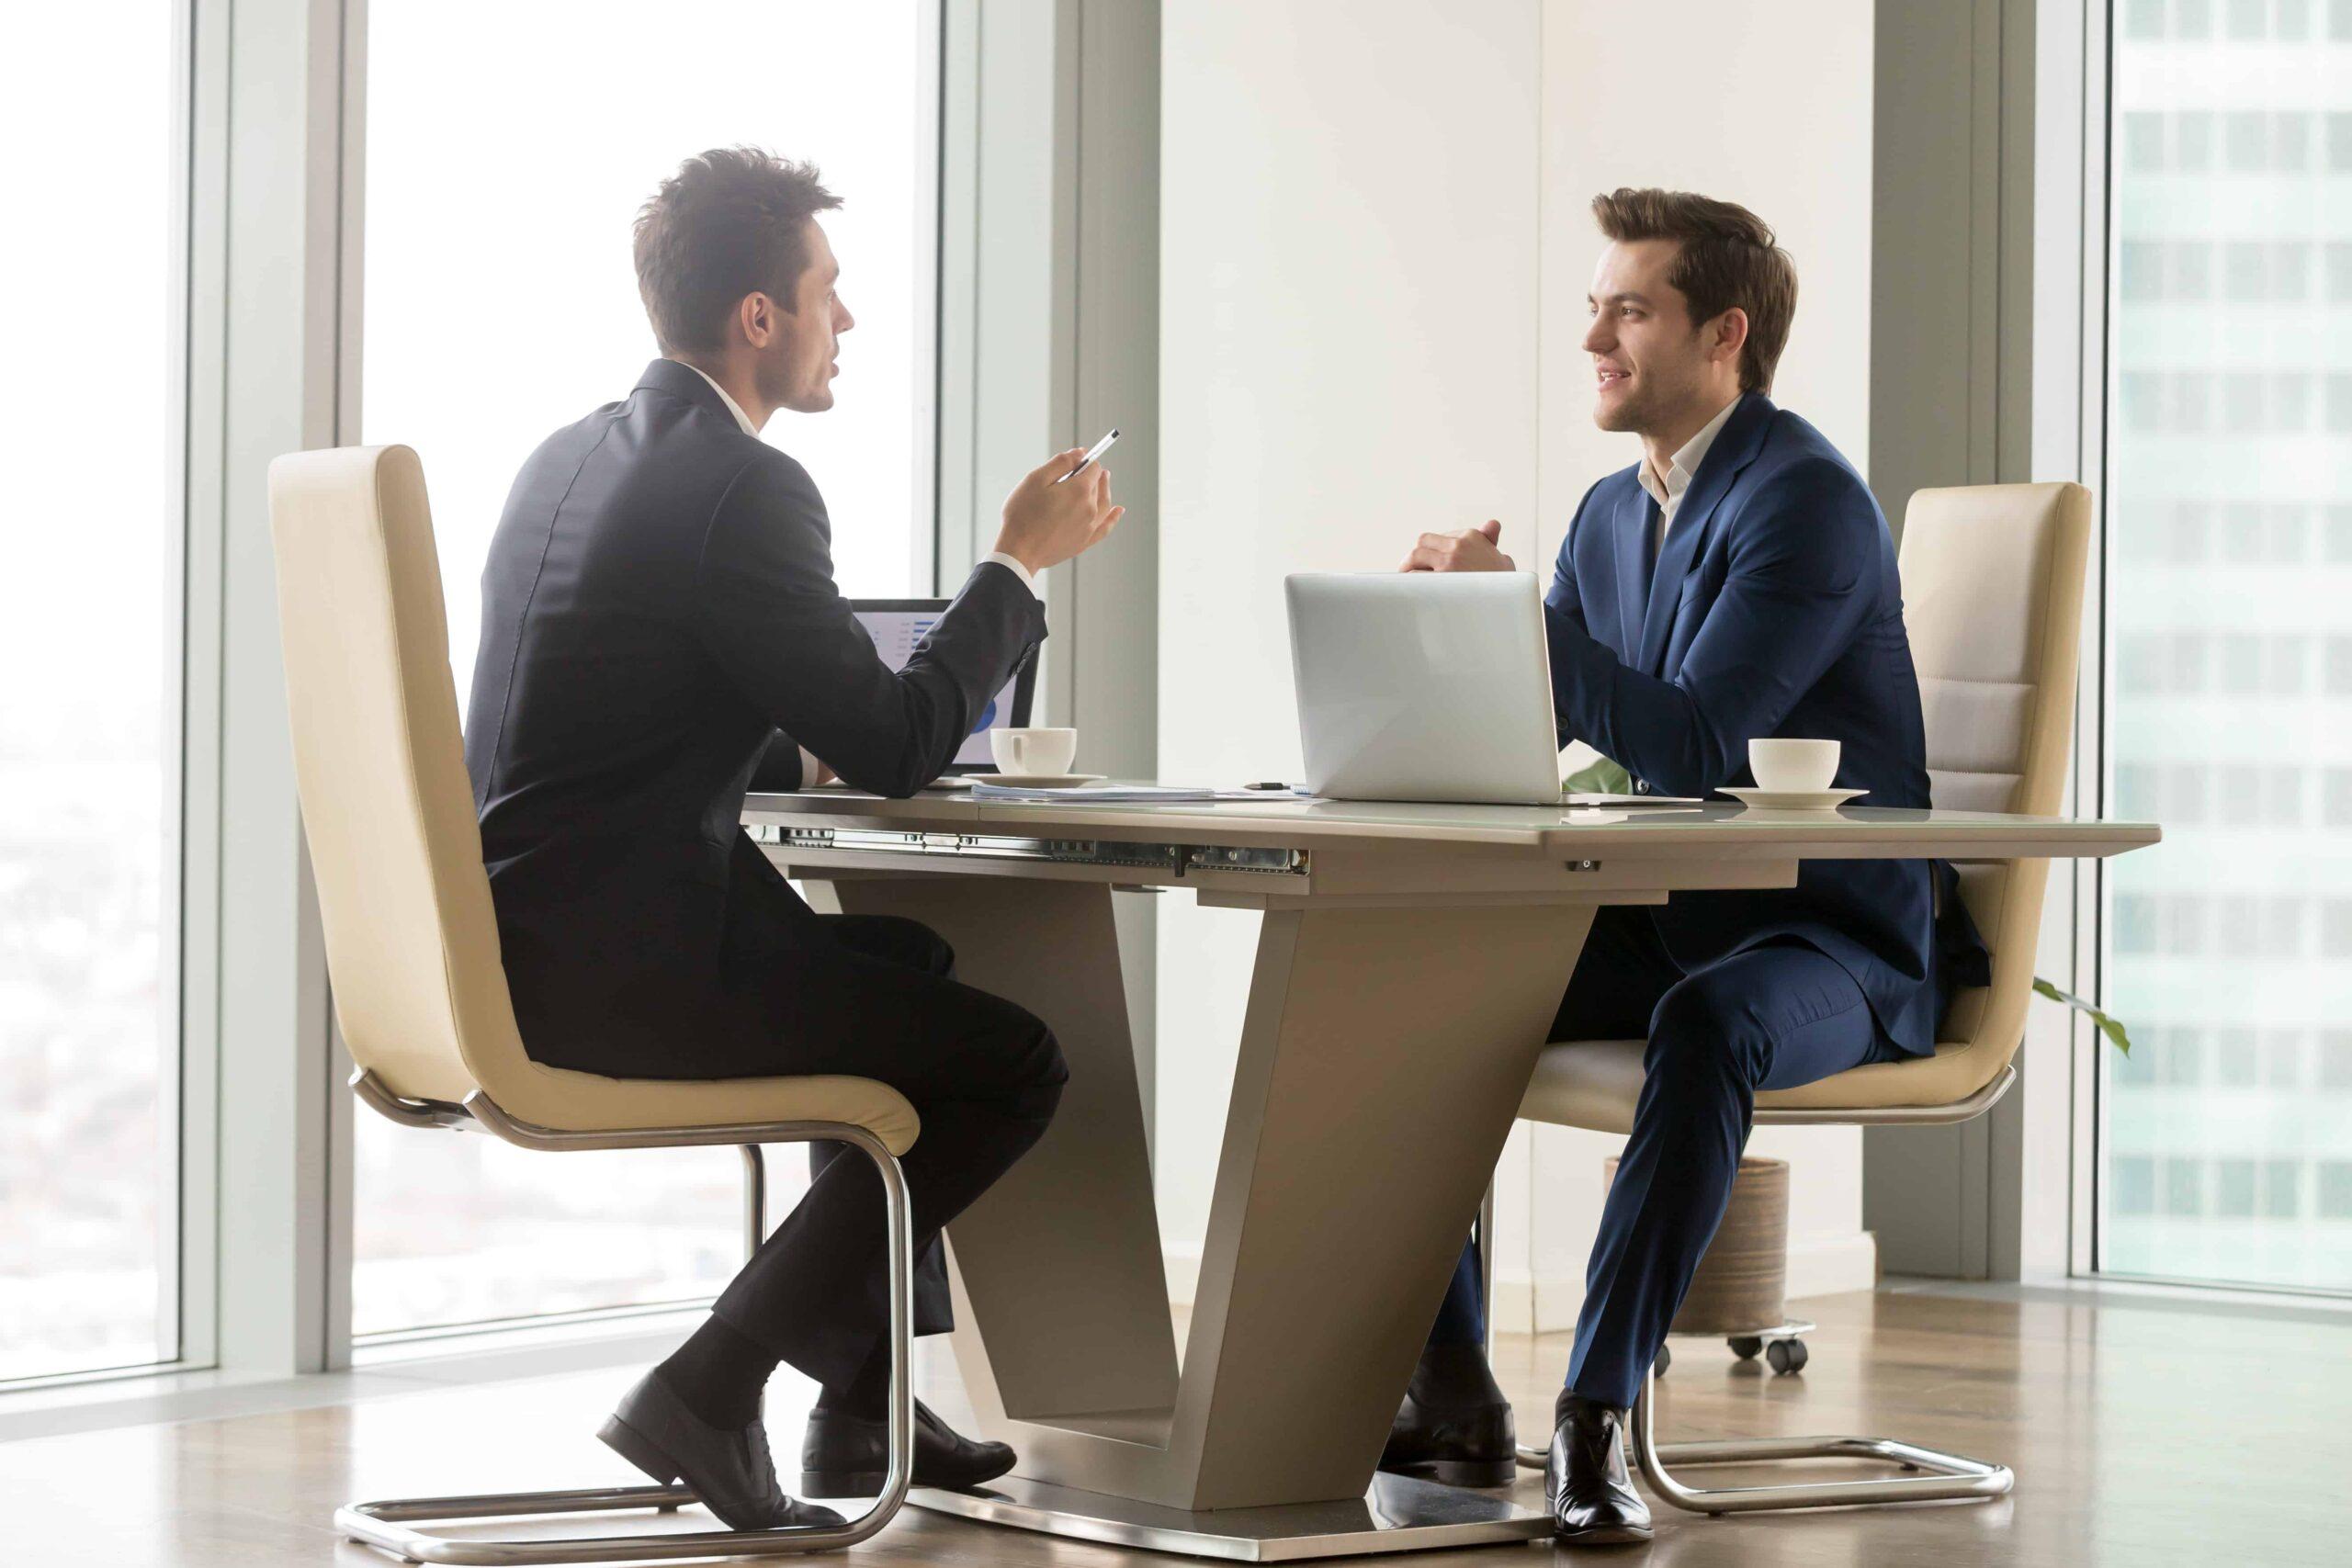 co to jest coaching? Spotkanie coacha z Klientem